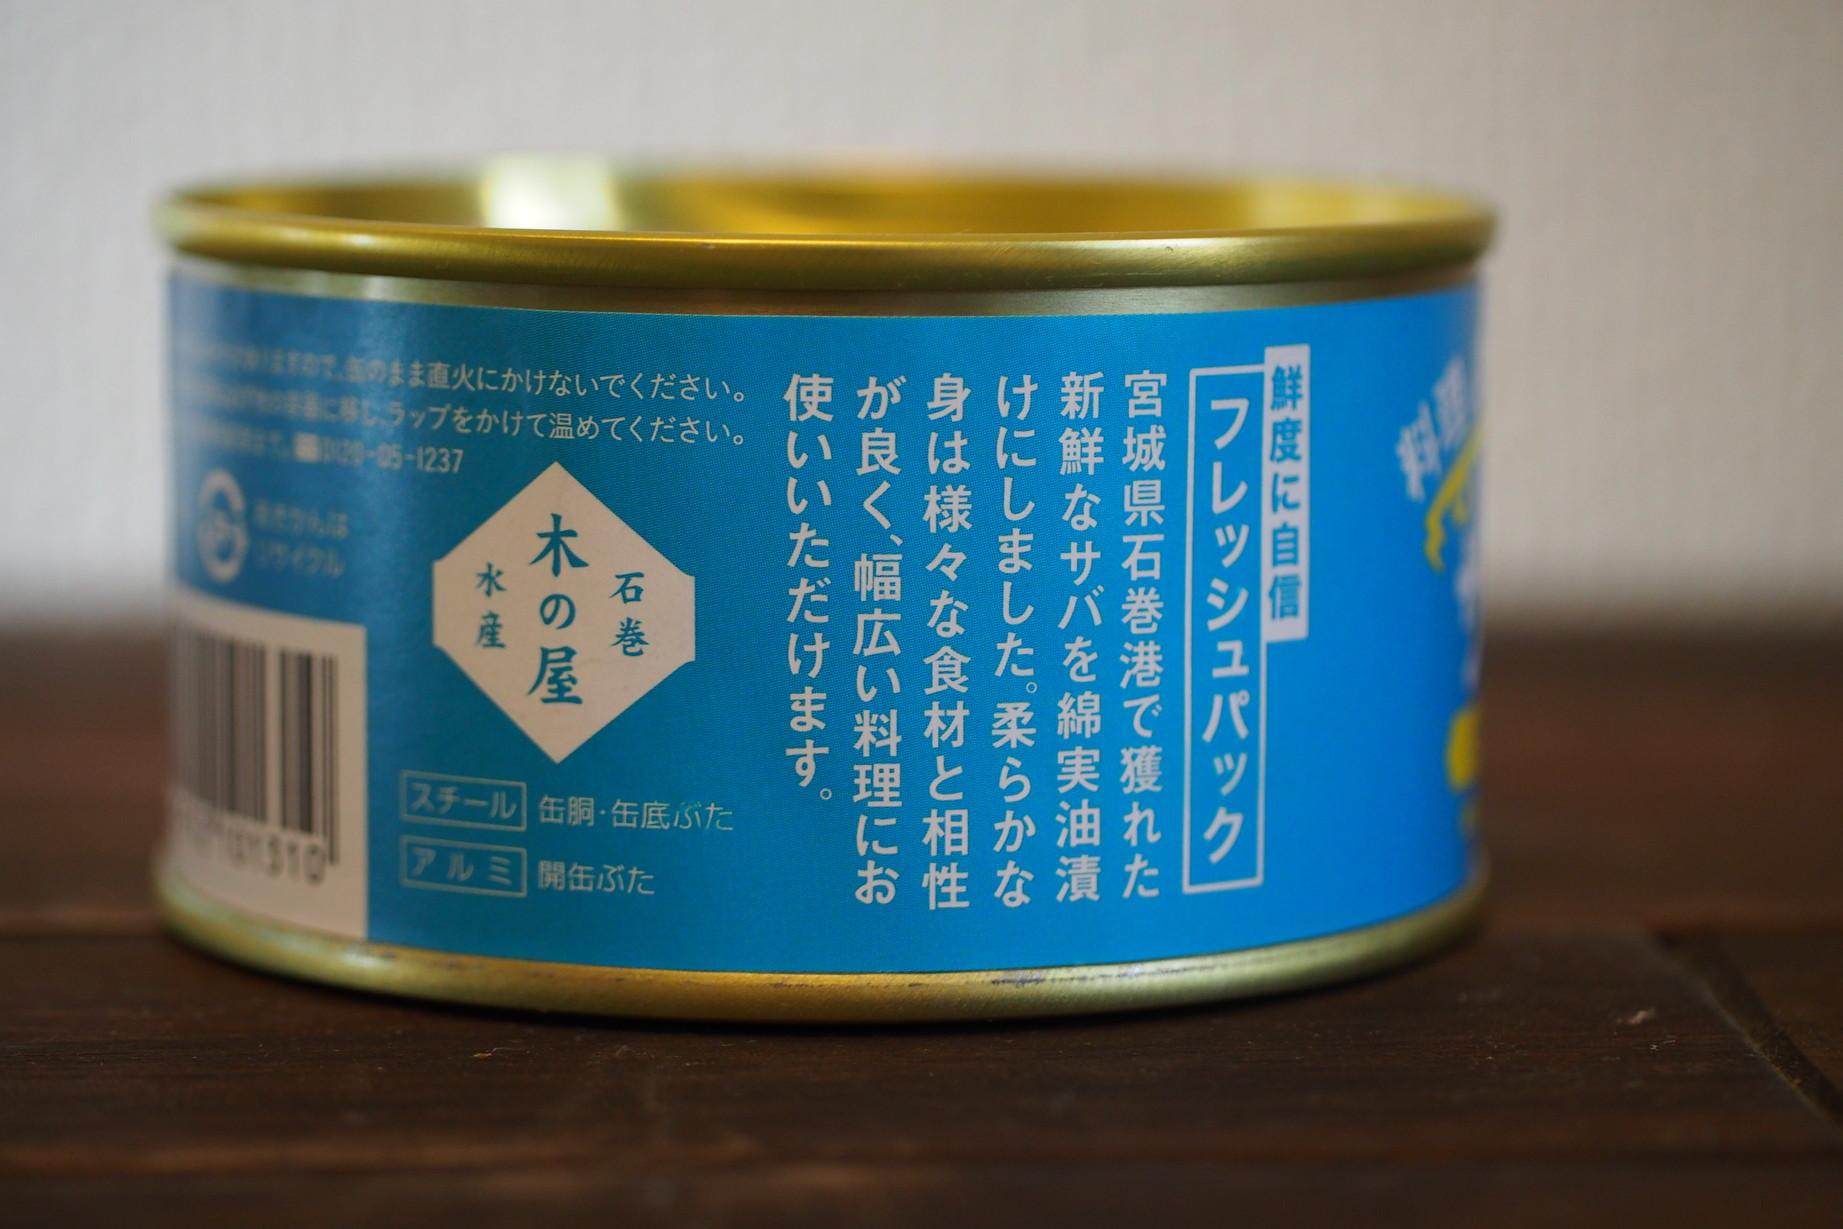 鮮度に自慢フレッシュパック:宮城県石巻港で採れた新鮮なサバを綿実油漬けにしました。柔らかな身は様々な食材と相性が良く、幅広い料理にお使いいただけます。